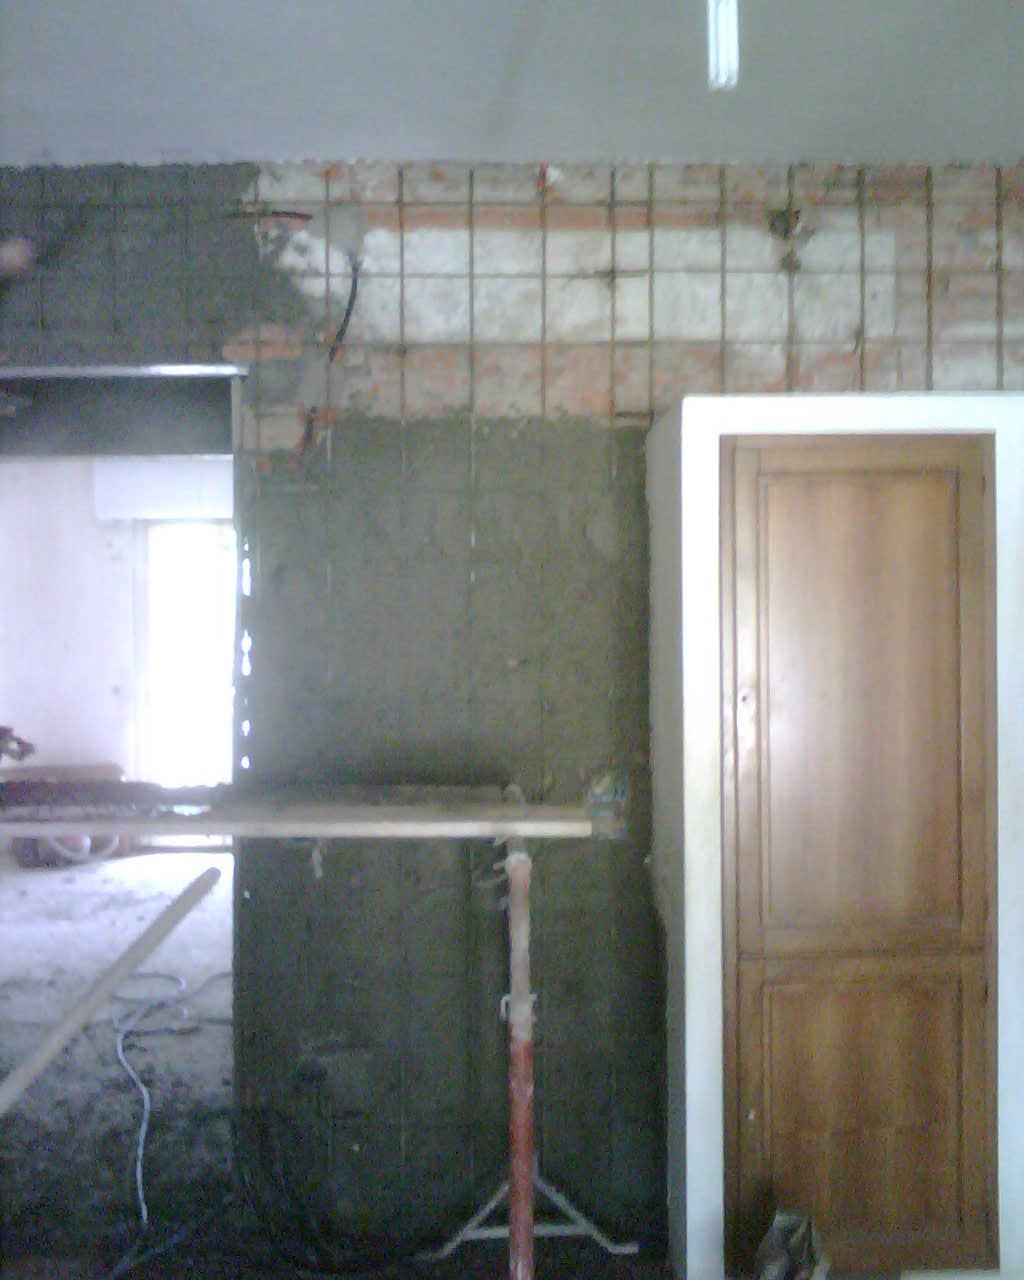 Detrazione Tinteggiatura Interna 2016 simone casini architetto detrazioni fiscali ristrutturazioni